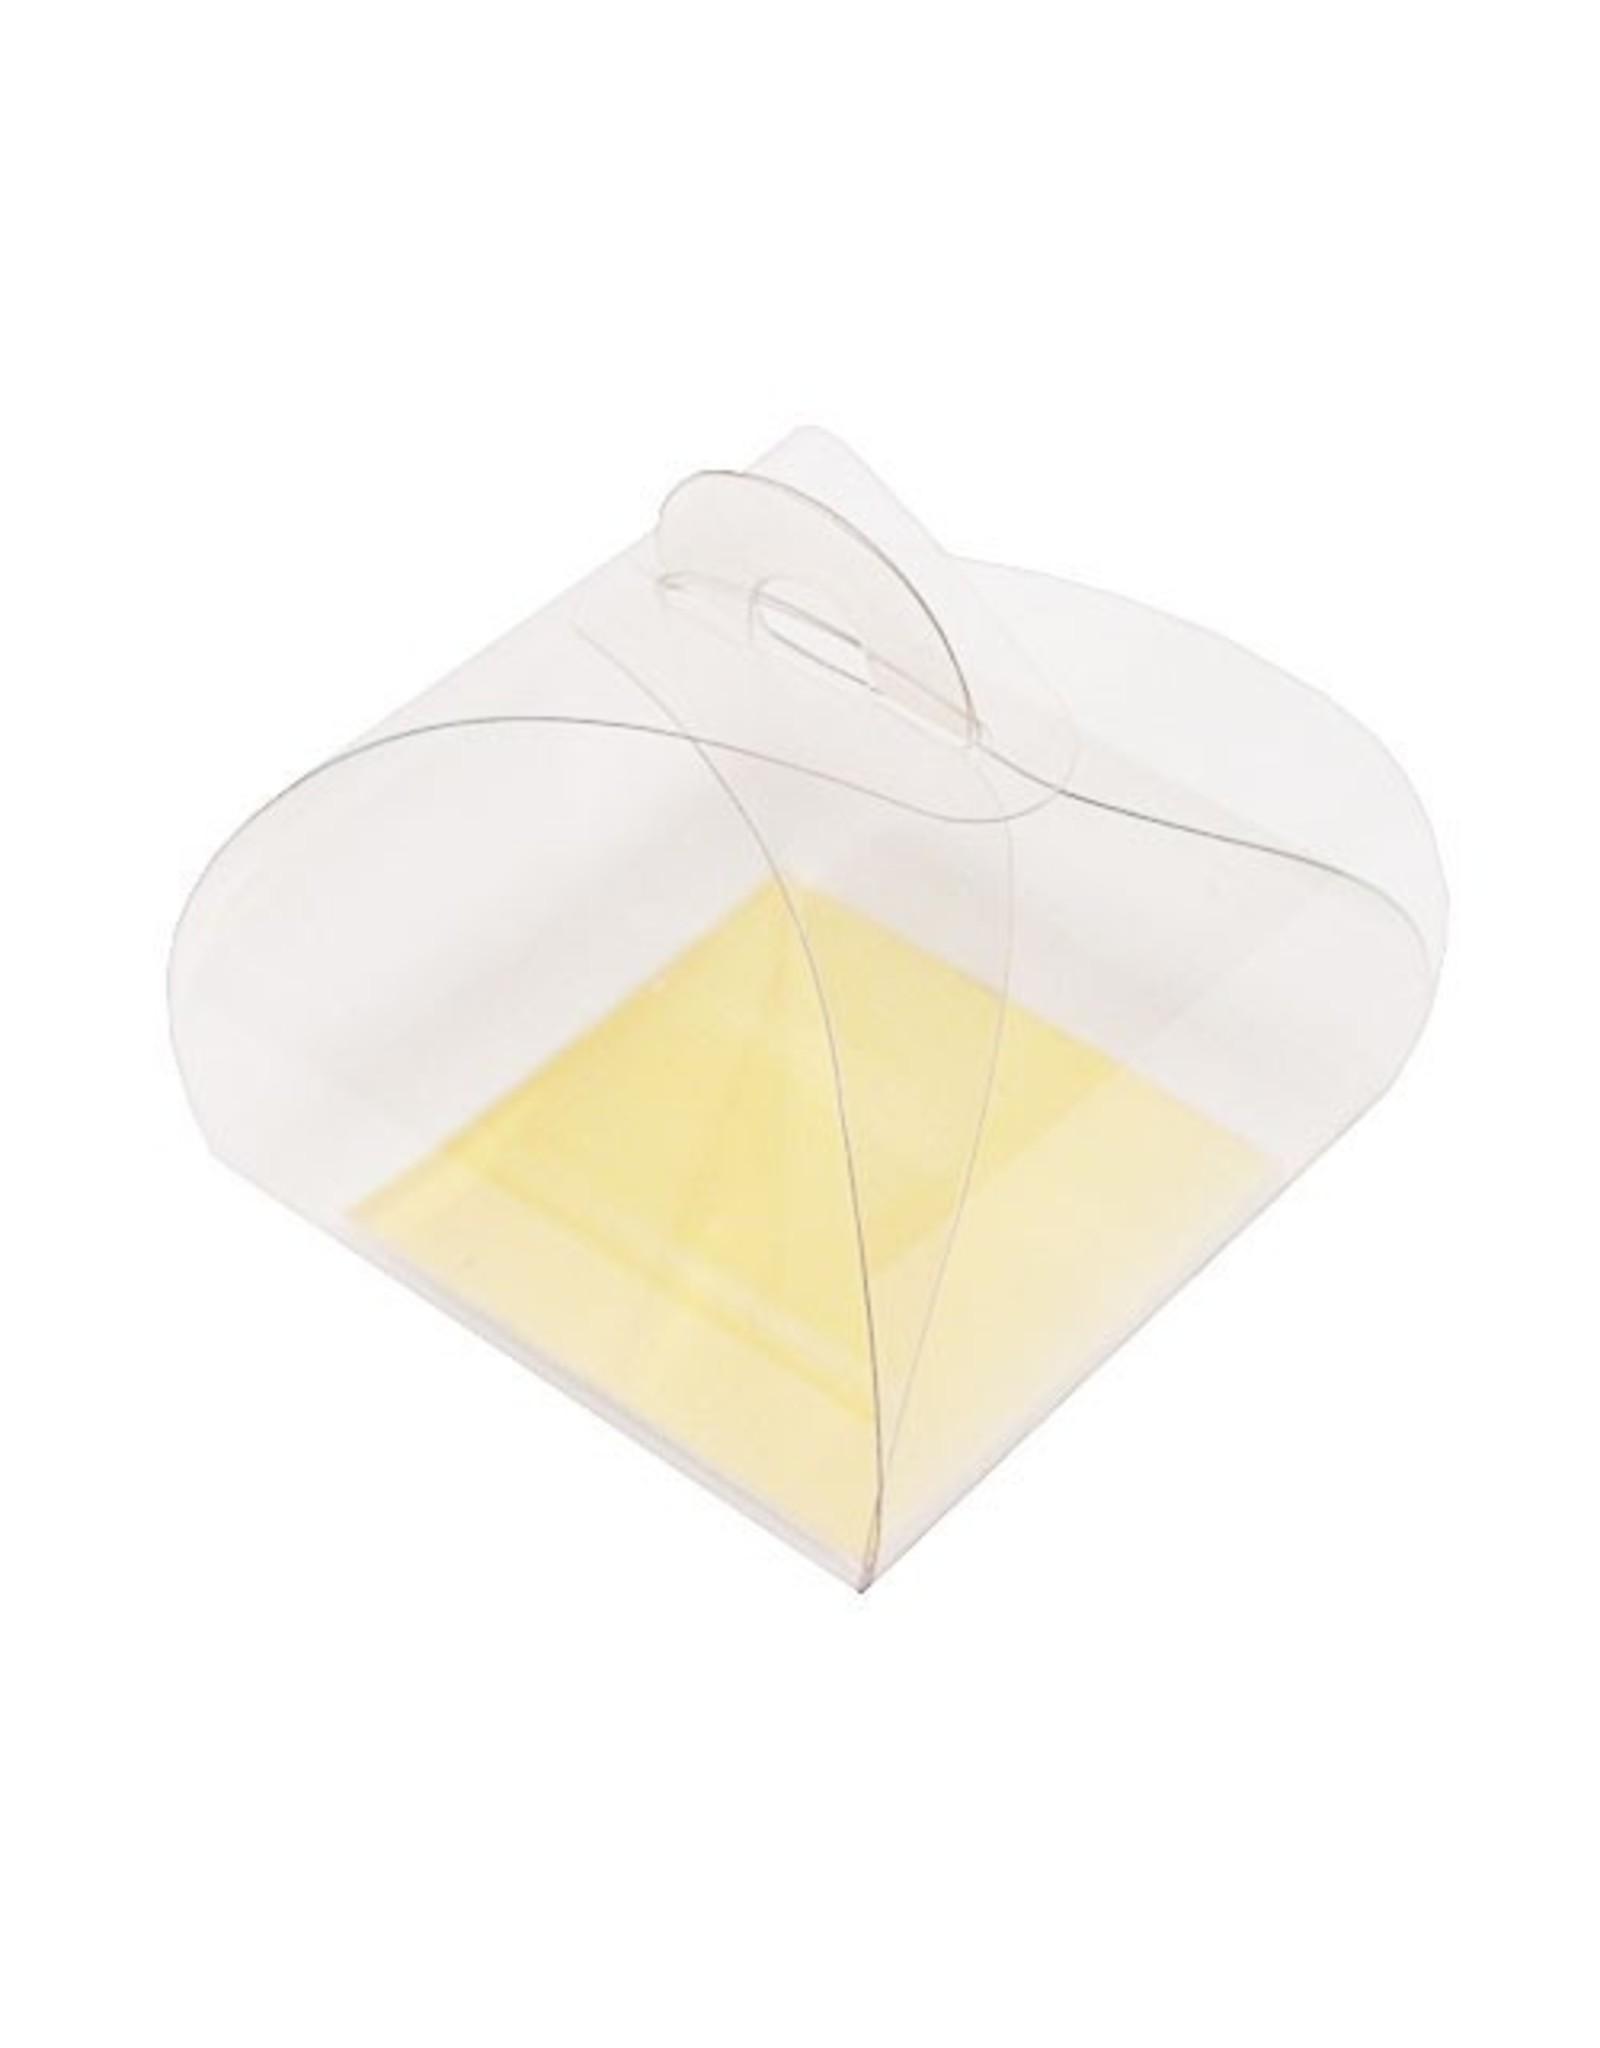 Clear bundles - multiple sizes (per 100 pieces)